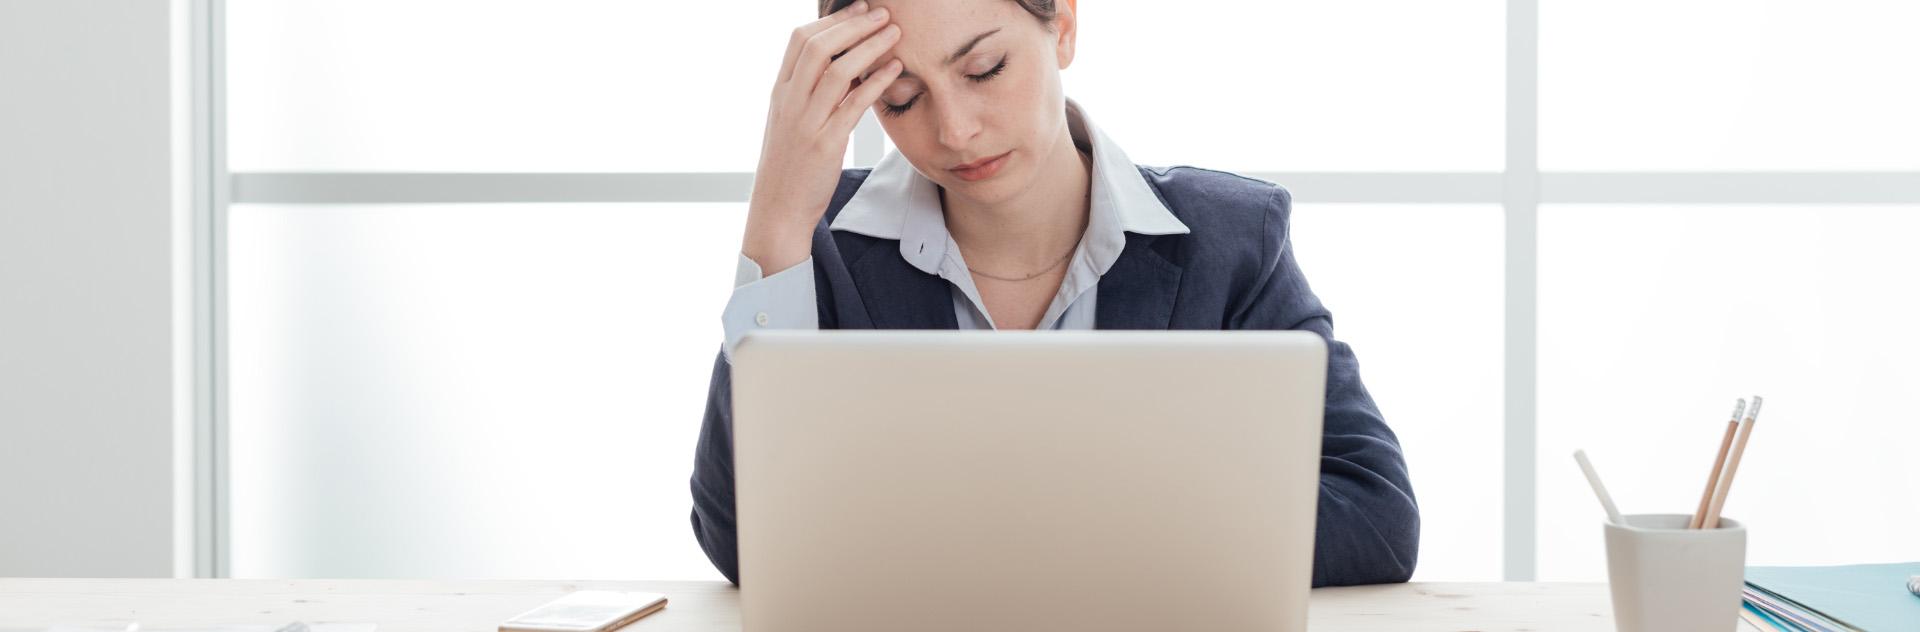 5 konsekwencji chodzenia z grypą do pracy